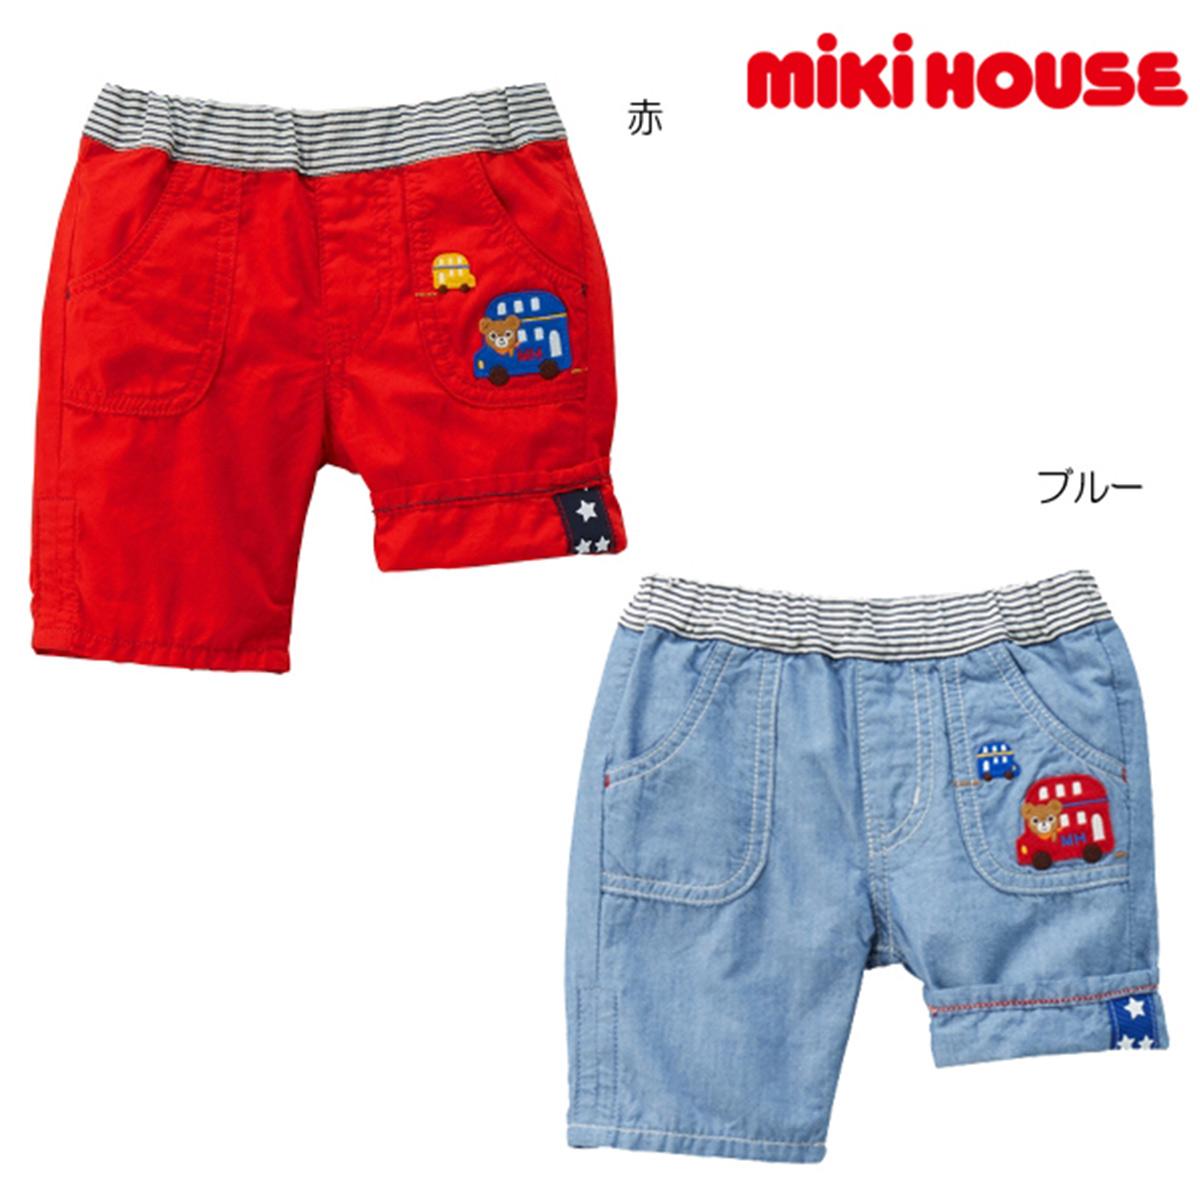 【セール30%OFF】【メール便OK】【MIKIHOUSE ミキハウス】プッチー バスモチーフ6分丈パンツ(120cm・130cm)